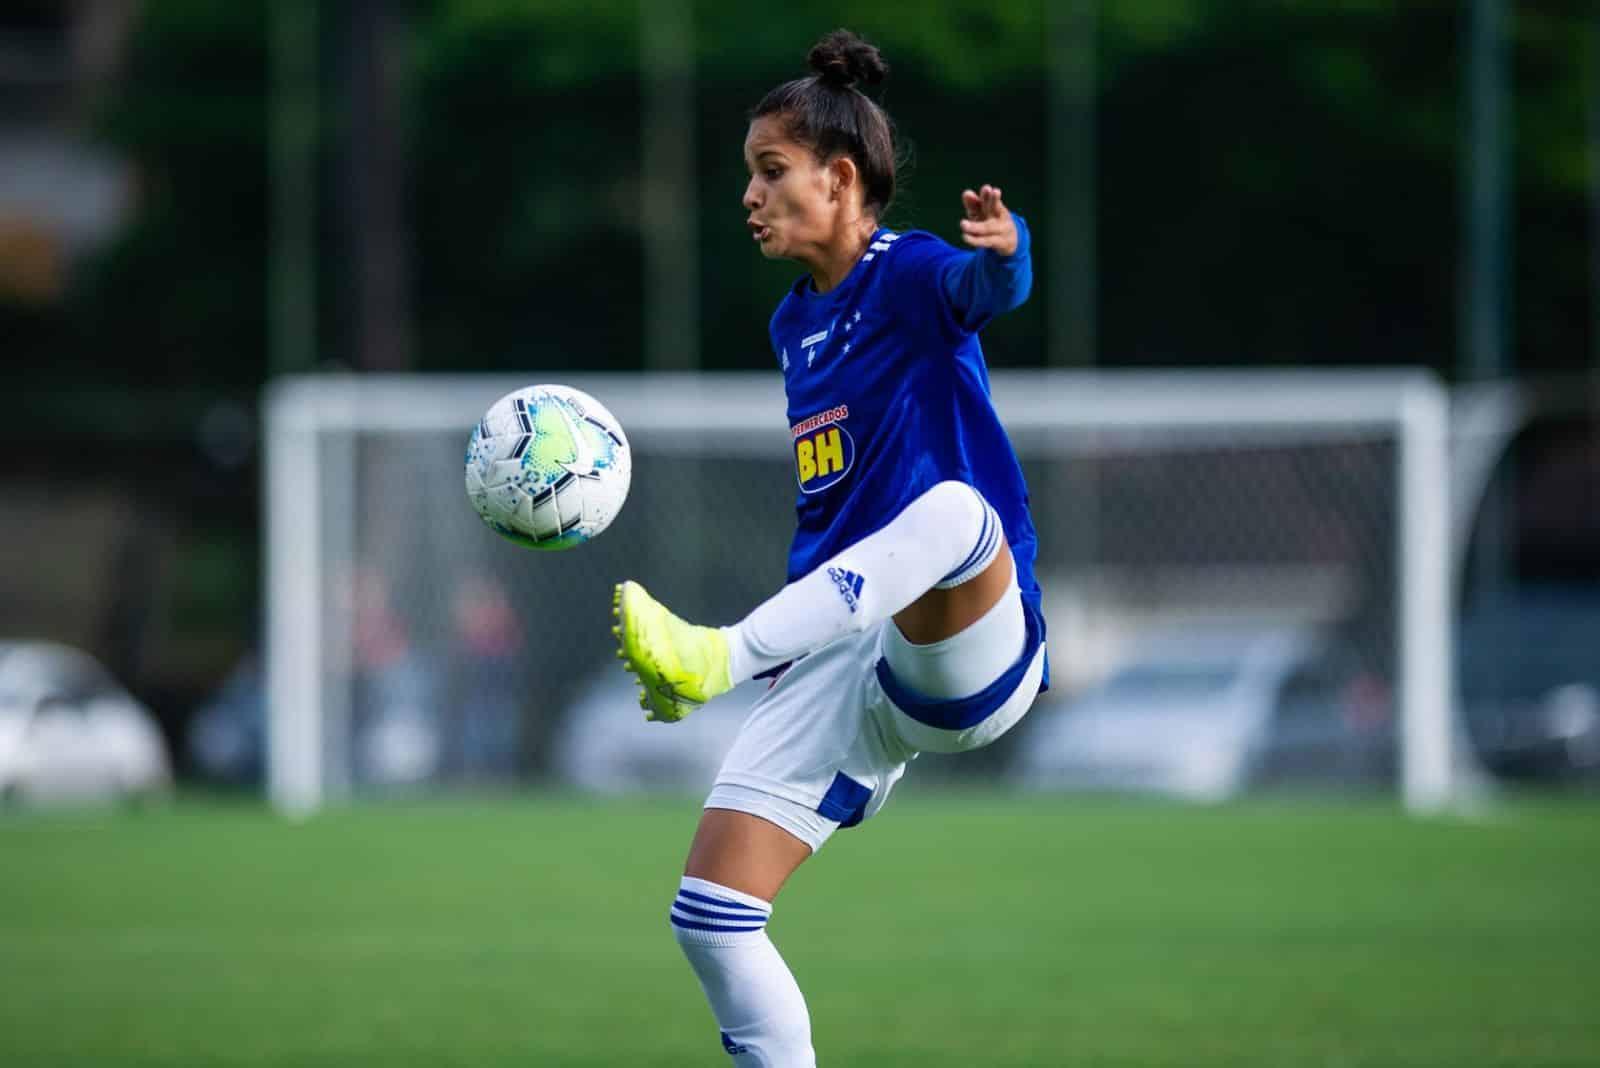 Cruzeiro chega ao G4 e ICESP desencanta. Série A2 tem 1ª rodada do brasileiro de futebol feminino